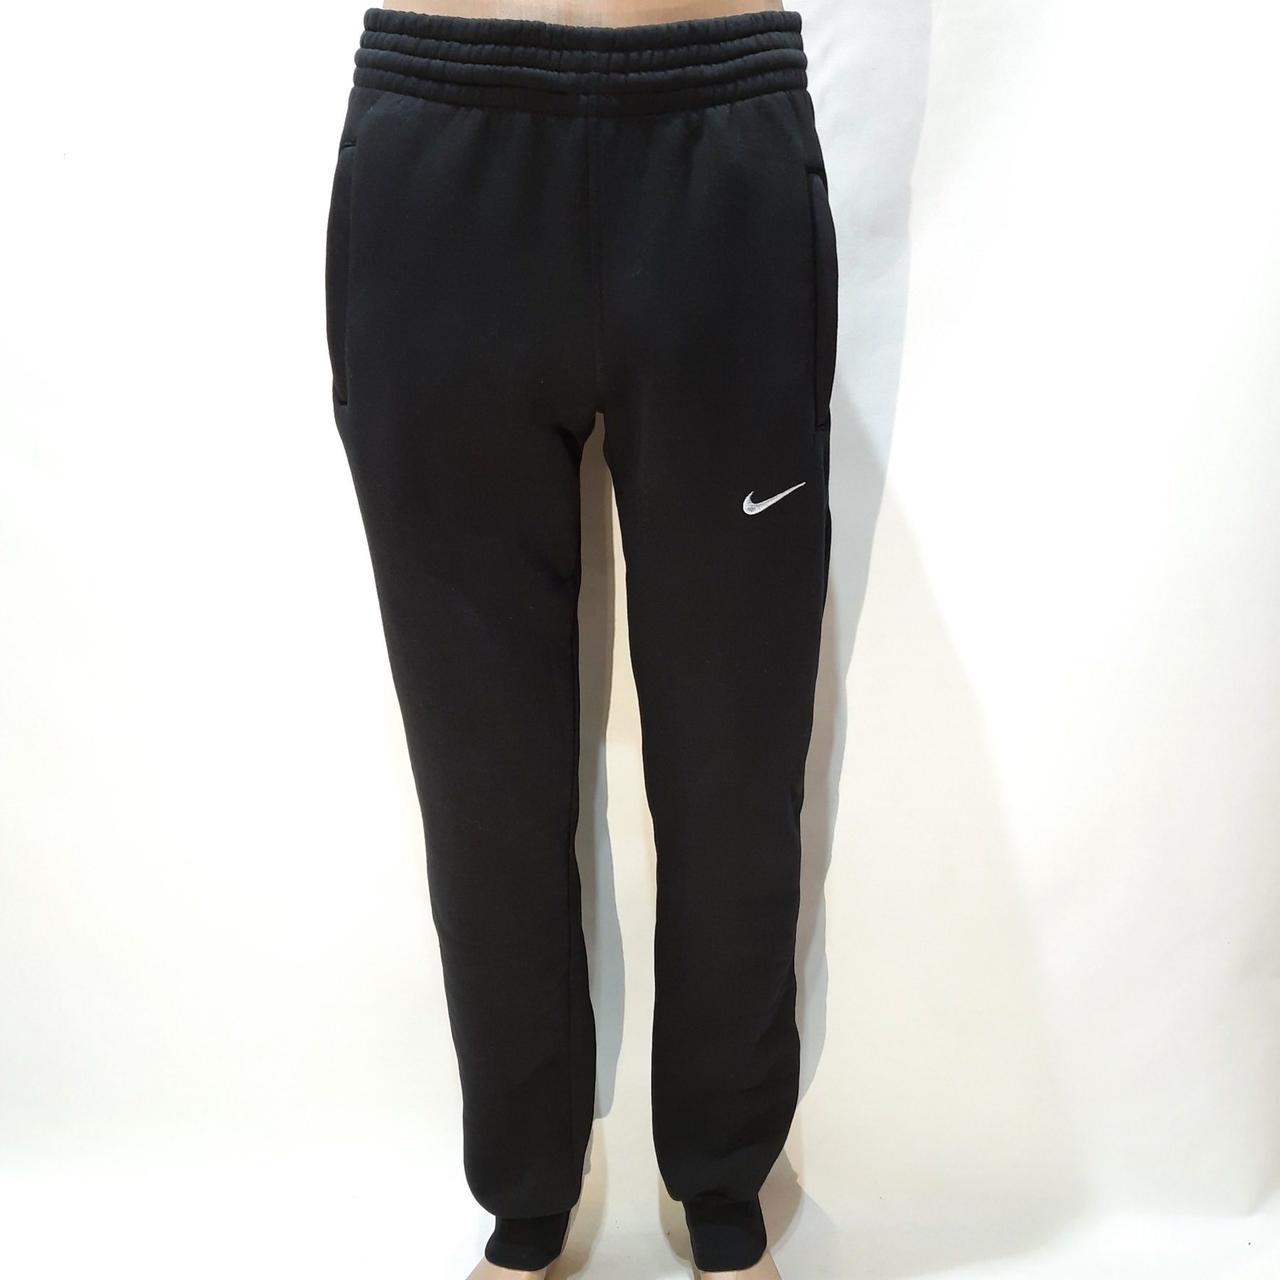 Мужские теплые спортивные штаны под манжет трехнитка Турция Черные